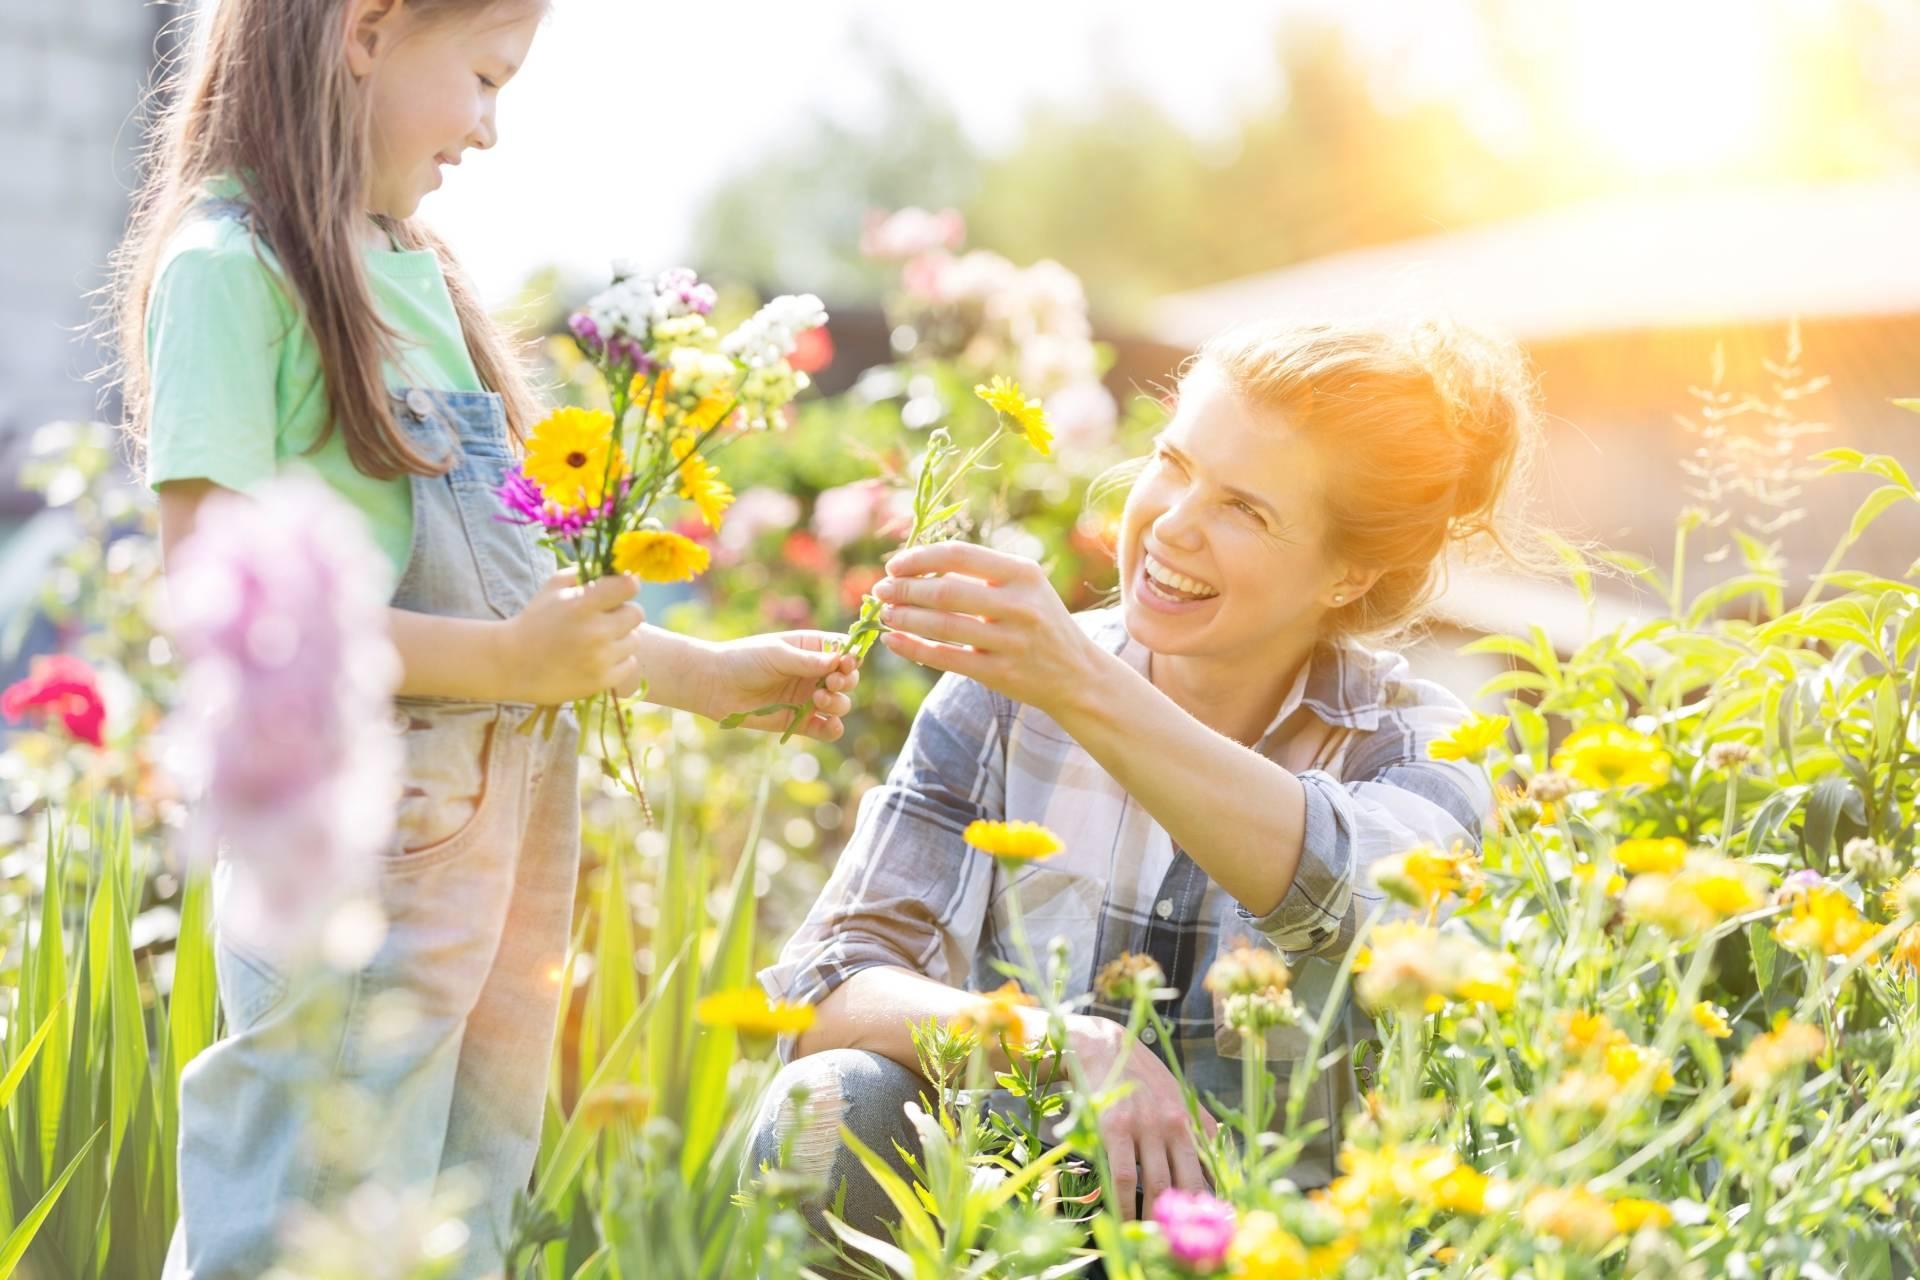 Work-life balance. Młoda kobieta pracuje w ogródku, zrywa kwiatka i podaje go swojej córce. Letnia sceneria.